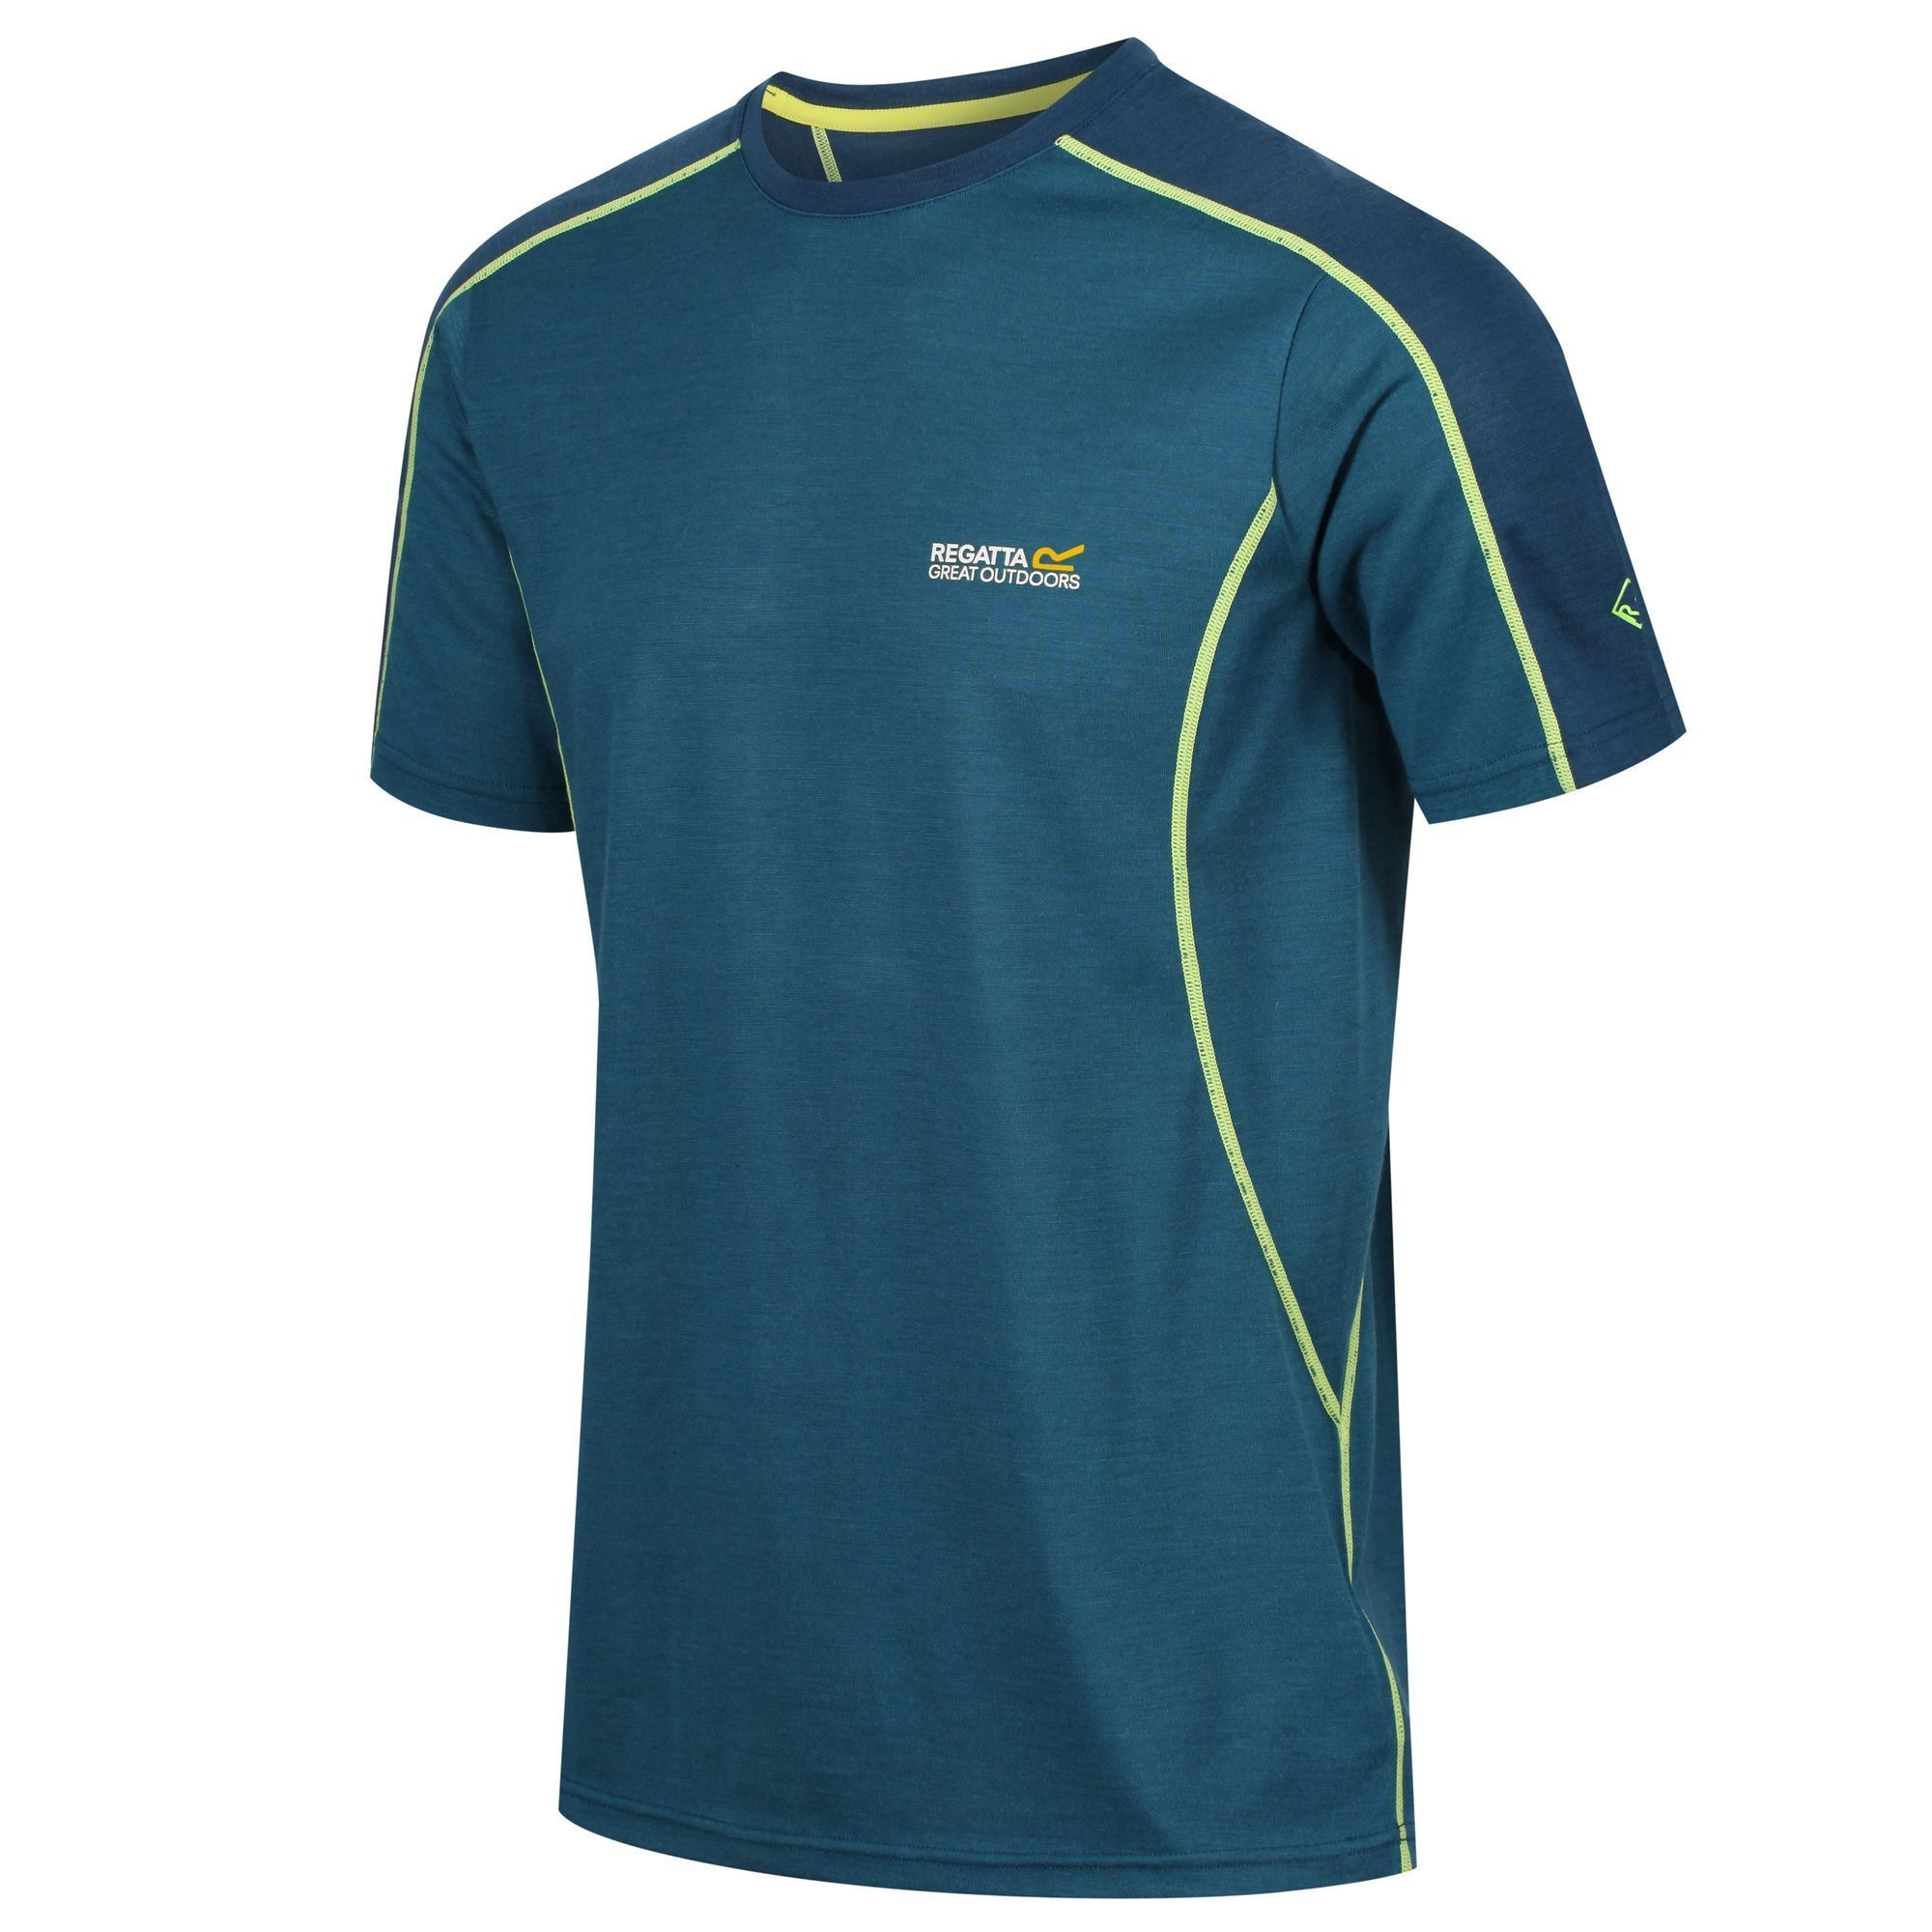 Regatta Mens Tornell Super Soft Merino Wool T-Shirt